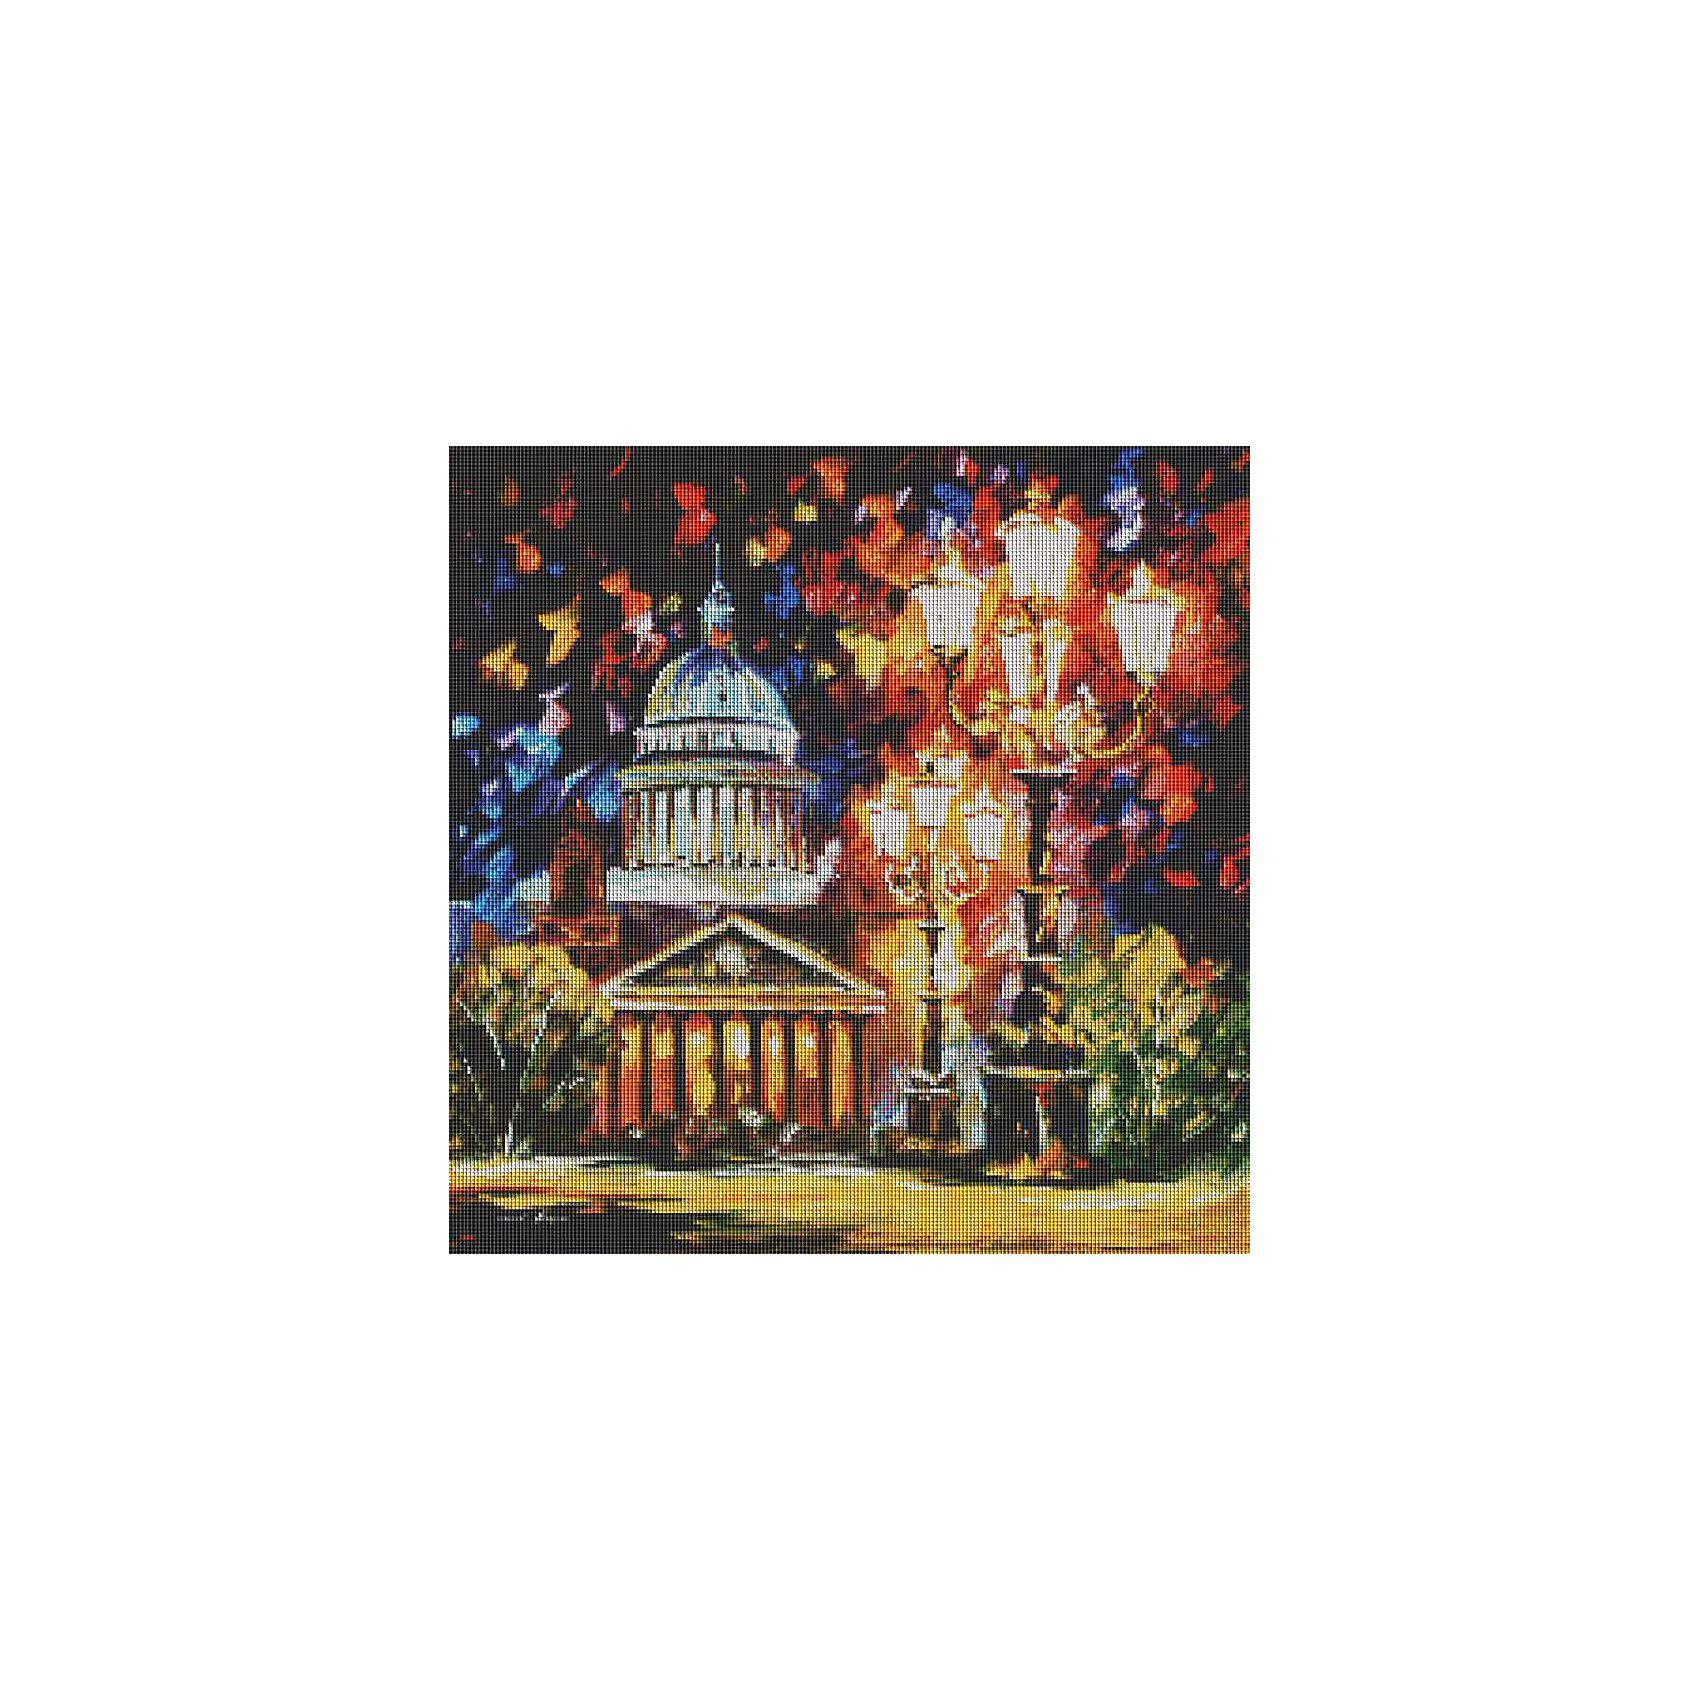 Мозаичная картина Мерцание ночи Санкт-ПетербургаМозаика<br>Мозаичная картина Мерцание ночи Санкт-Петербурга<br><br>Характеристики:<br><br>• Вес: 1110 г<br>• Размер: 53х53<br>• Тип камней: квадратный<br>• Размер камней: 2,5х2,5мм<br>• Тип выкладки: 100% заполнение<br>• Количество цветов: 57<br>• В комплекте: основа с клеевым слоем и схемой, набор алмазных камней, пинцет, лоток для мозаики, инструкция<br><br>Данный набор подойдет даже для начинающего рукодельника. Из него выйдет прекрасная мерцающая картина. Нанесение камушков с помощью пинцета не составит труда. В комплекте идет лоточек, в который можно положить нужный вам цвет и избежать рассыпания алмазов по всему рабочему месту. <br><br>Каждый цвет упакован в отдельный пакетик с номером соответствующим номеру на схеме. Весь набор находится в прозрачном тубусе, что делает его аккуратным и компактным.<br><br>Мозаичная картина Мерцание ночи Санкт-Петербурга можно купить в нашем интернет-магазине.<br><br>Ширина мм: 90<br>Глубина мм: 90<br>Высота мм: 6000<br>Вес г: 1100<br>Возраст от месяцев: 72<br>Возраст до месяцев: 2147483647<br>Пол: Унисекс<br>Возраст: Детский<br>SKU: 5500433